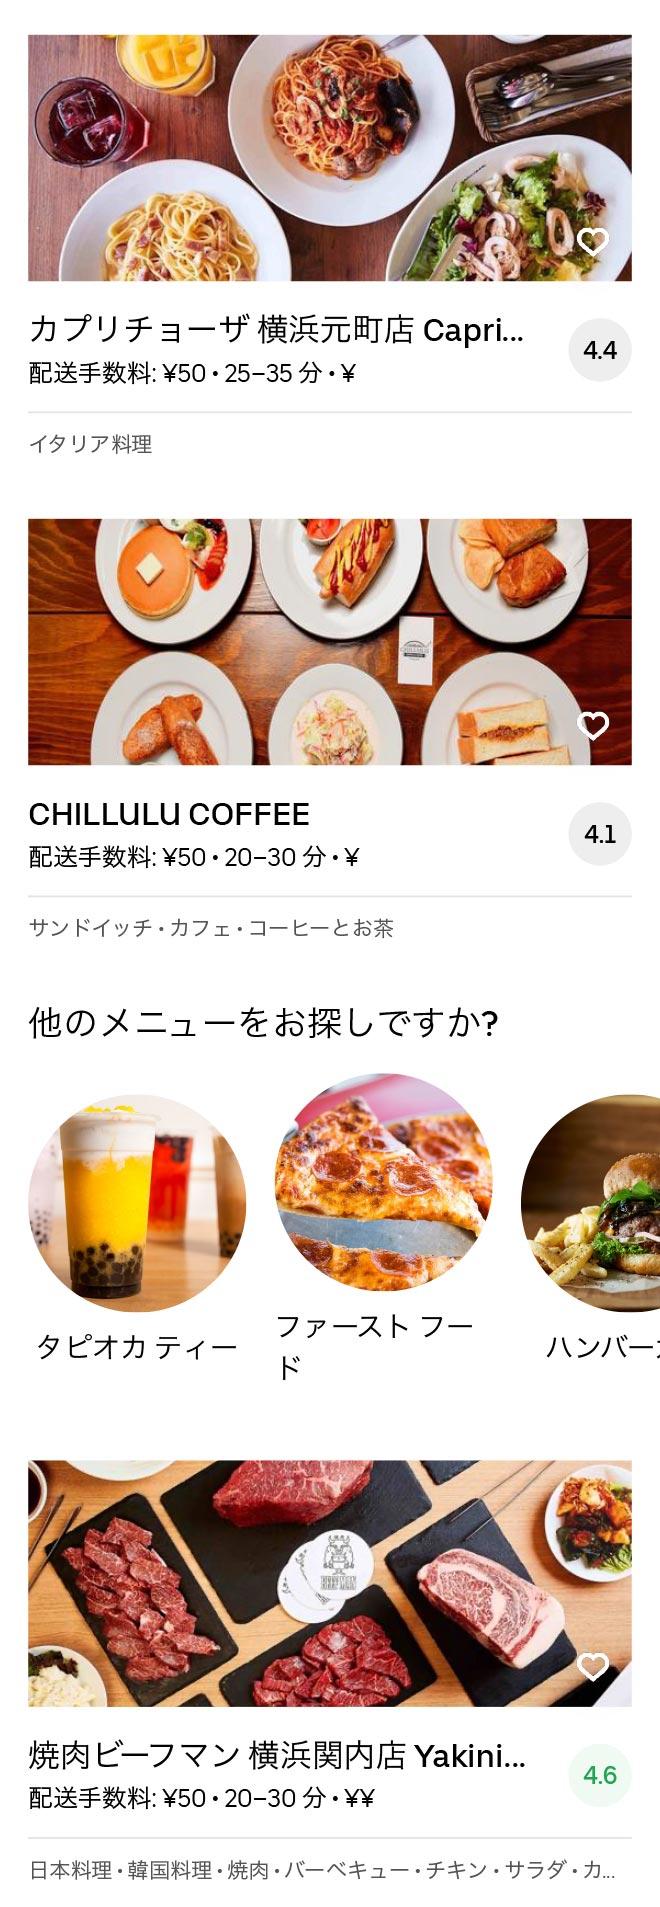 Yokohama ishikawacho menu 2004 05